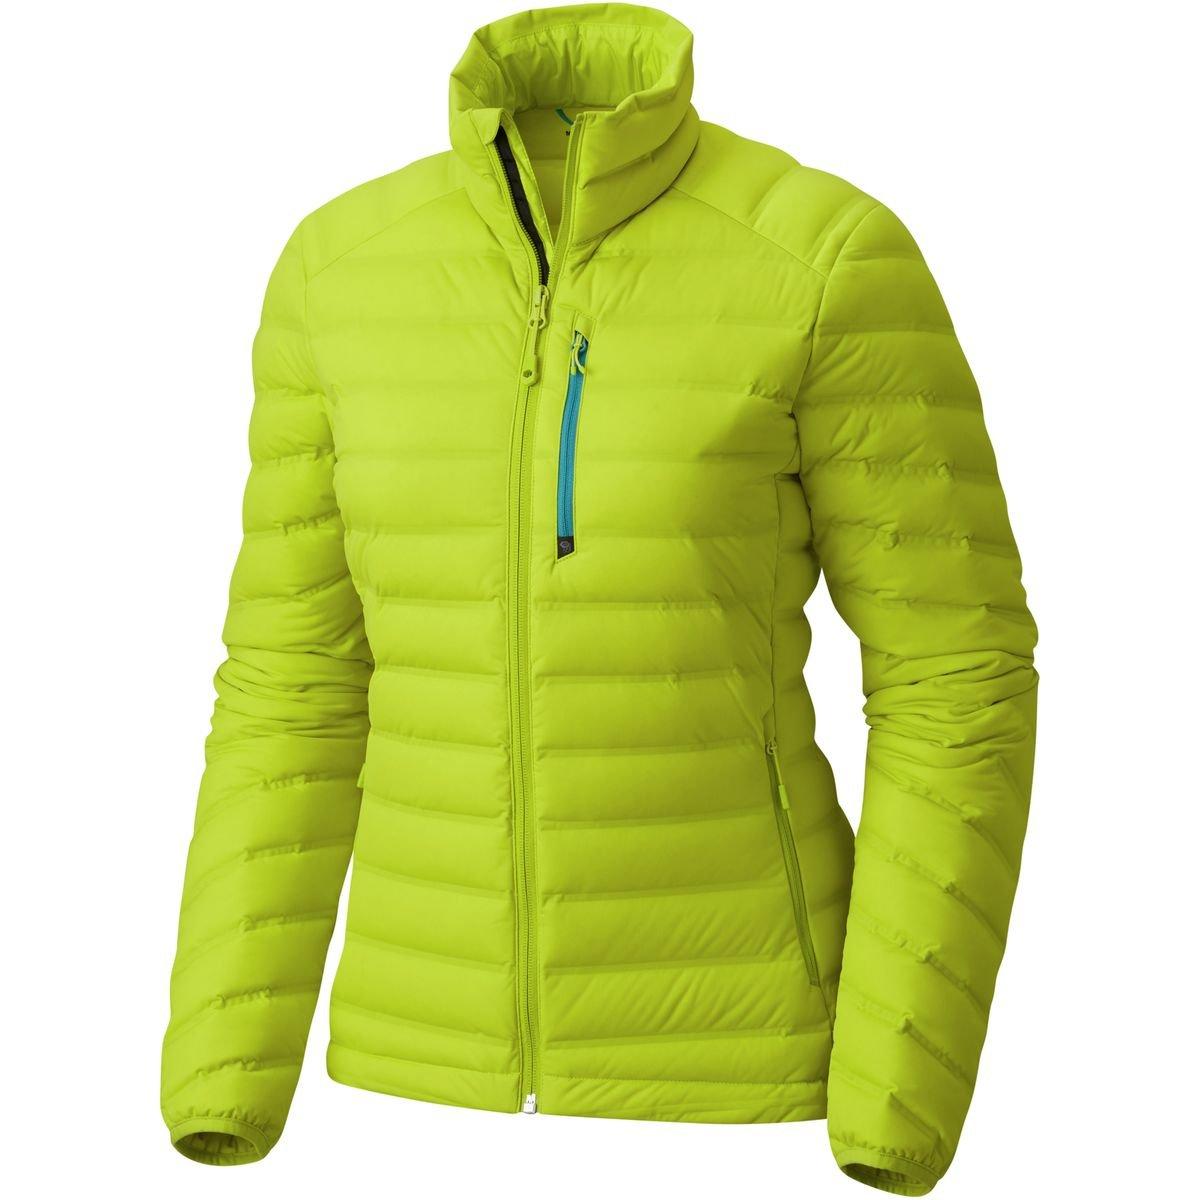 Mountain Hardwear ストレッチダウンジャケット レディース B01N1GCM8O Medium|Fresh Bud Fresh Bud Medium